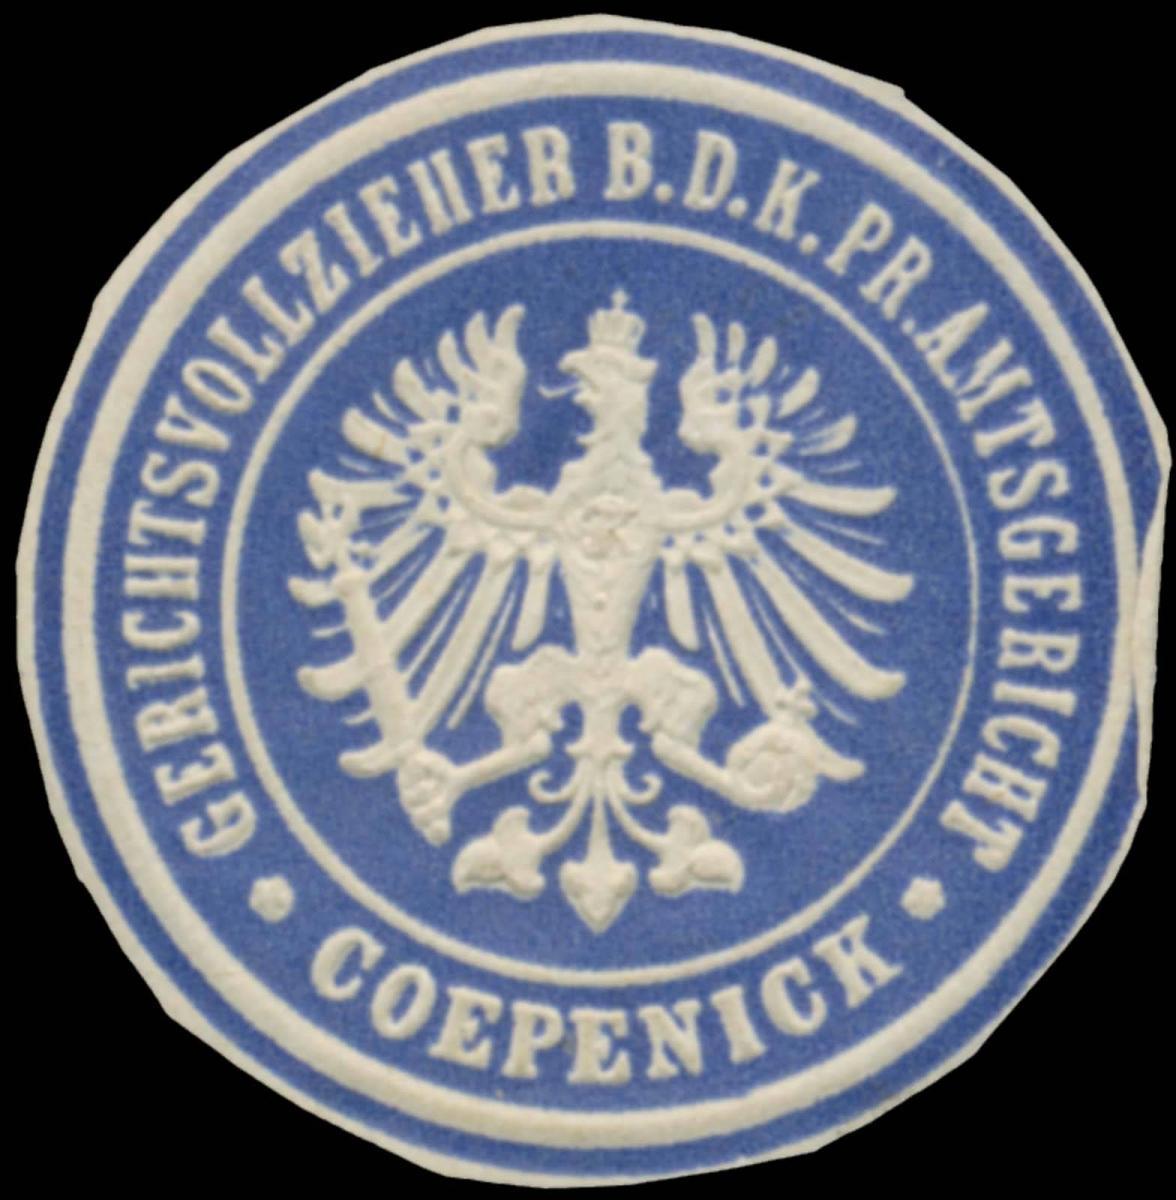 Gerichtsvollzieher b.d. K.Pr. Amtsgericht Köpenick